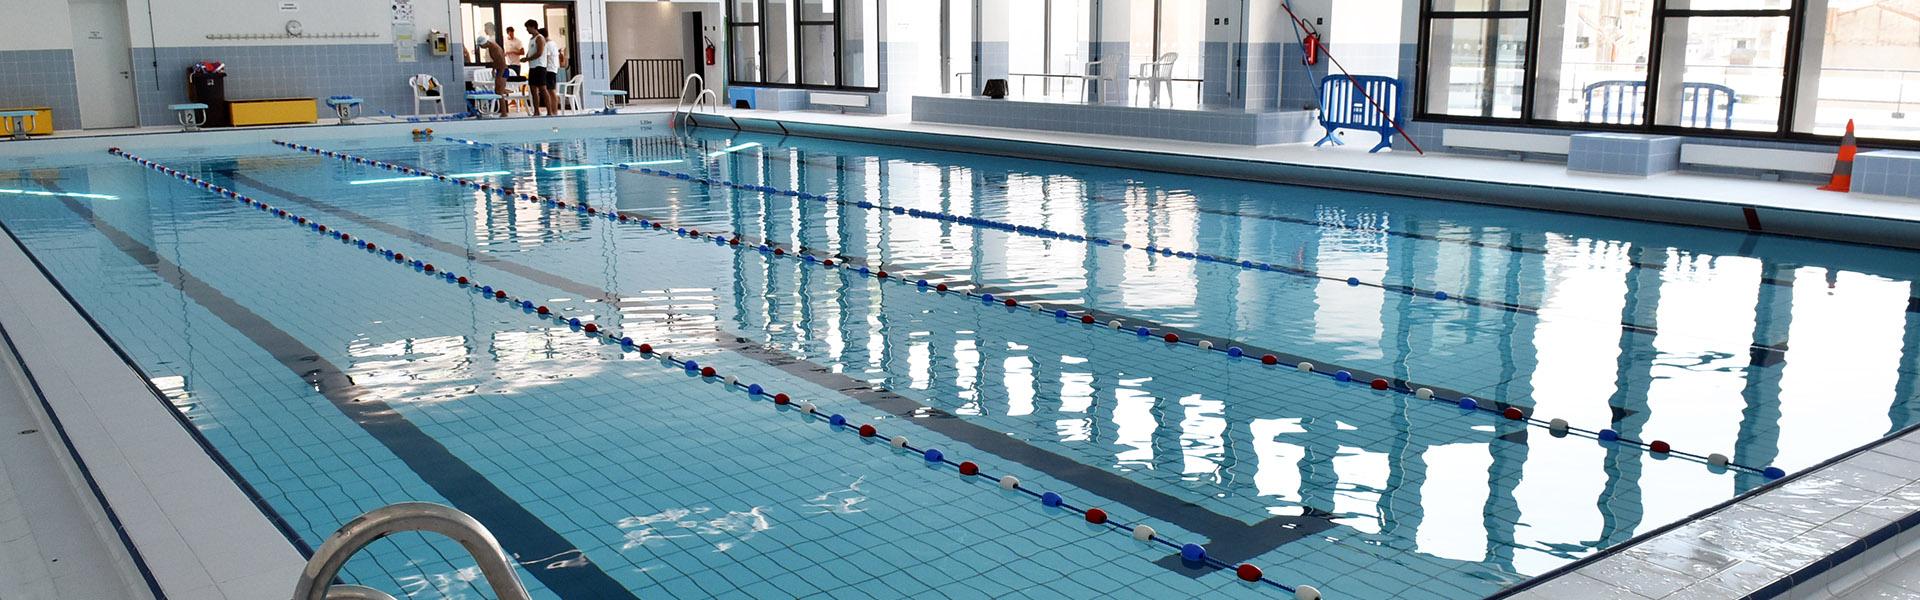 Suisse : de nouvelles règles pour les femmes à la piscine de Bâle